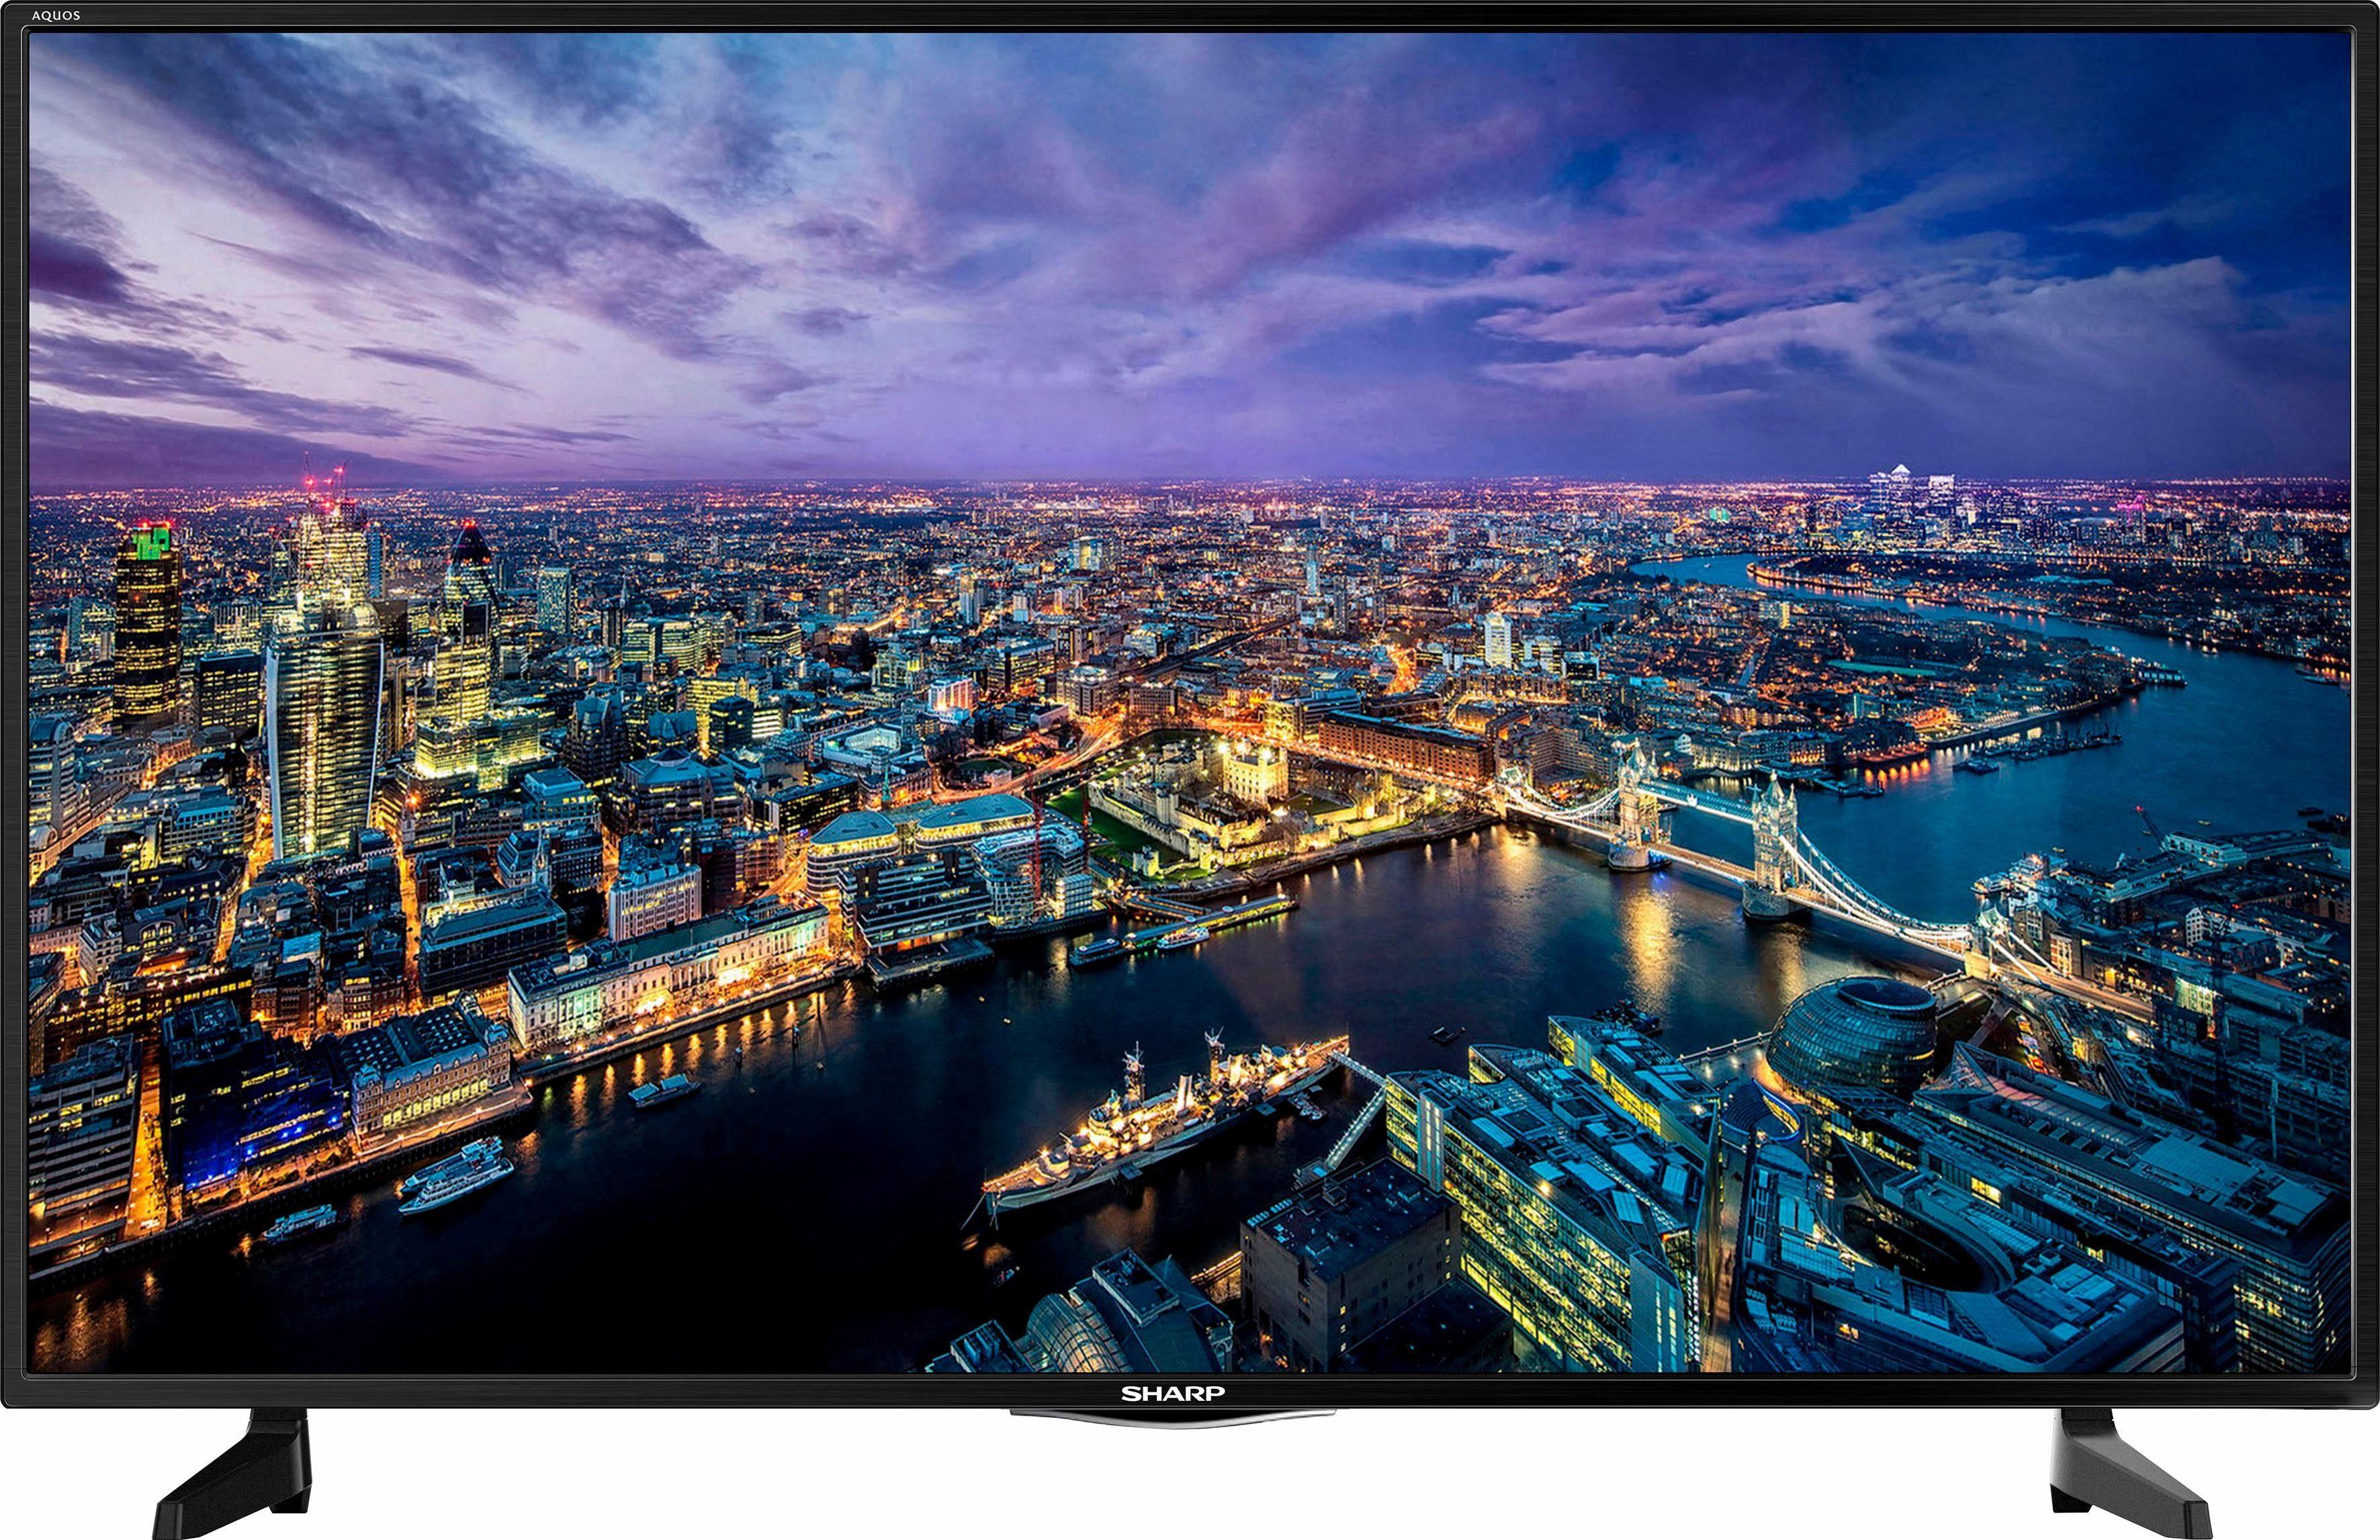 Sharp LC-40FG5342E LED-Fernseher (102 cm/40 Zoll, Full HD, Smart-TV)